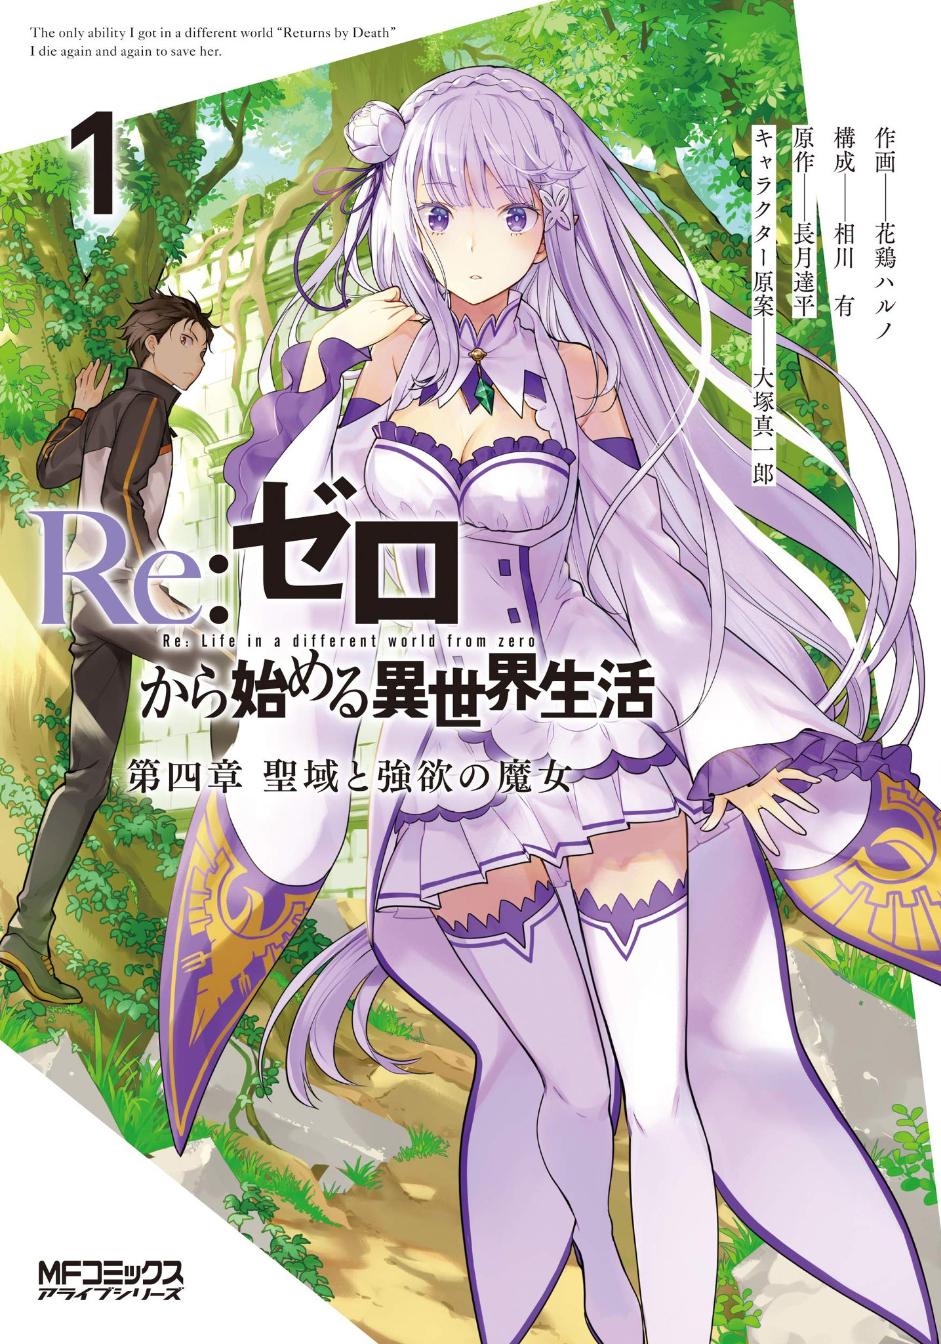 Re:Zero kara Hajimeru Isekai Seikatsu - Daiyonshou - Seiiki to Gouyoku no Majou